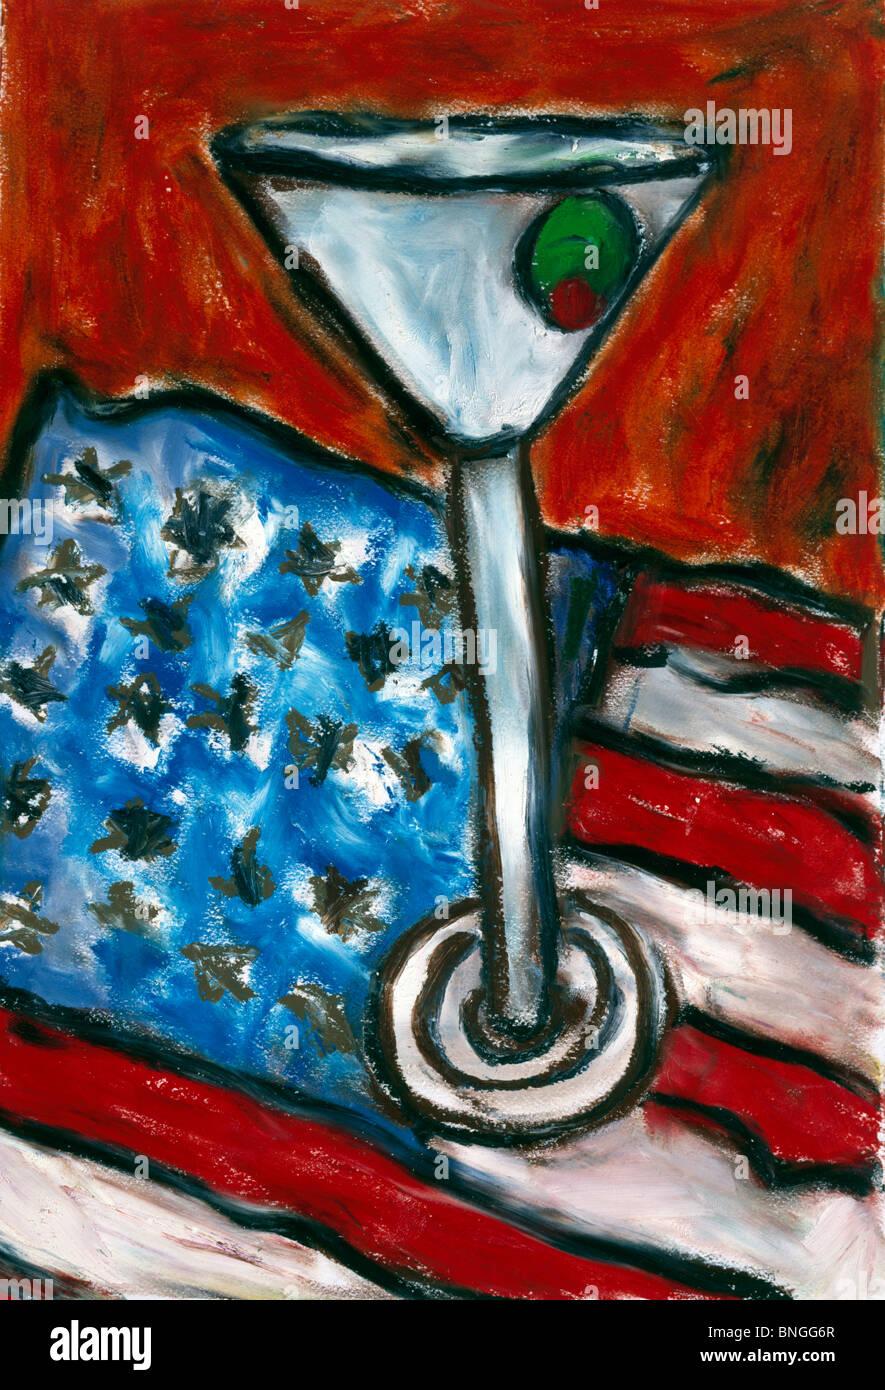 Soiree amerikanisch, von Ashton Hinrichs, ca. 1998 Stockbild